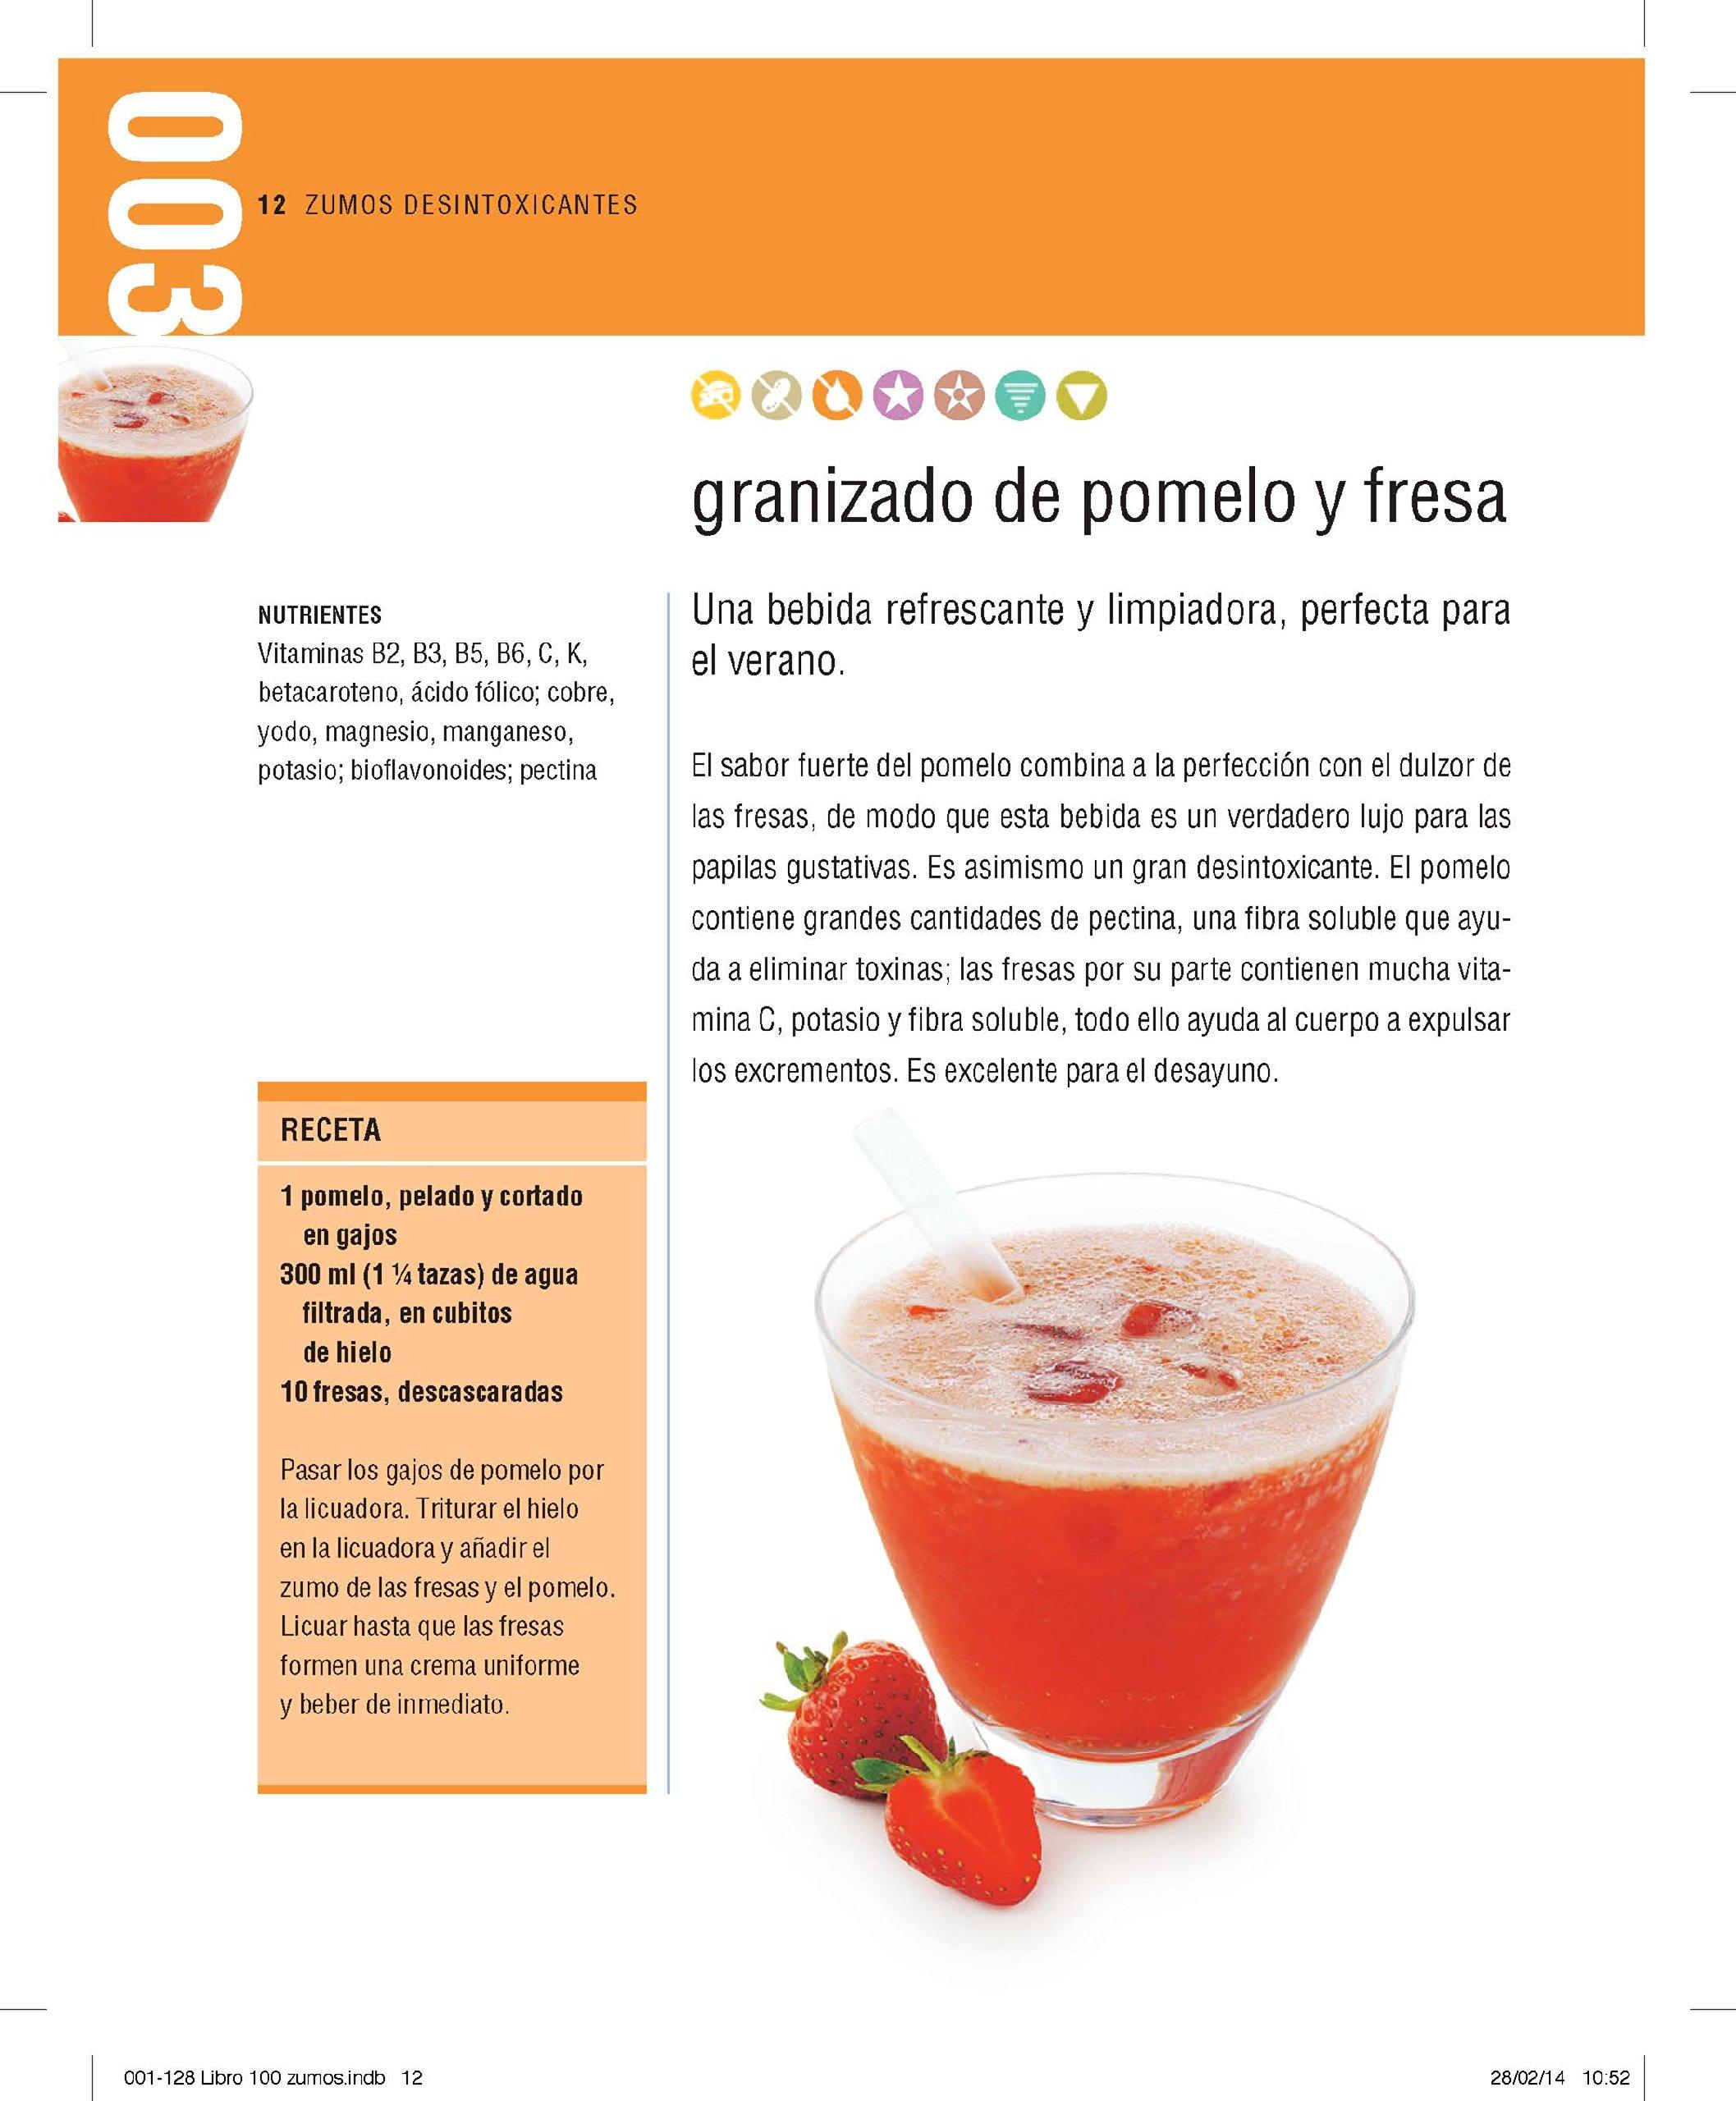 100 zumos para cuidar tu salud: 100 recetas naturales para estimular tu cuerpo y tu mente Vivir mejor: Amazon.es: Owen, Sarah, Ana Riera Agaray;: Libros